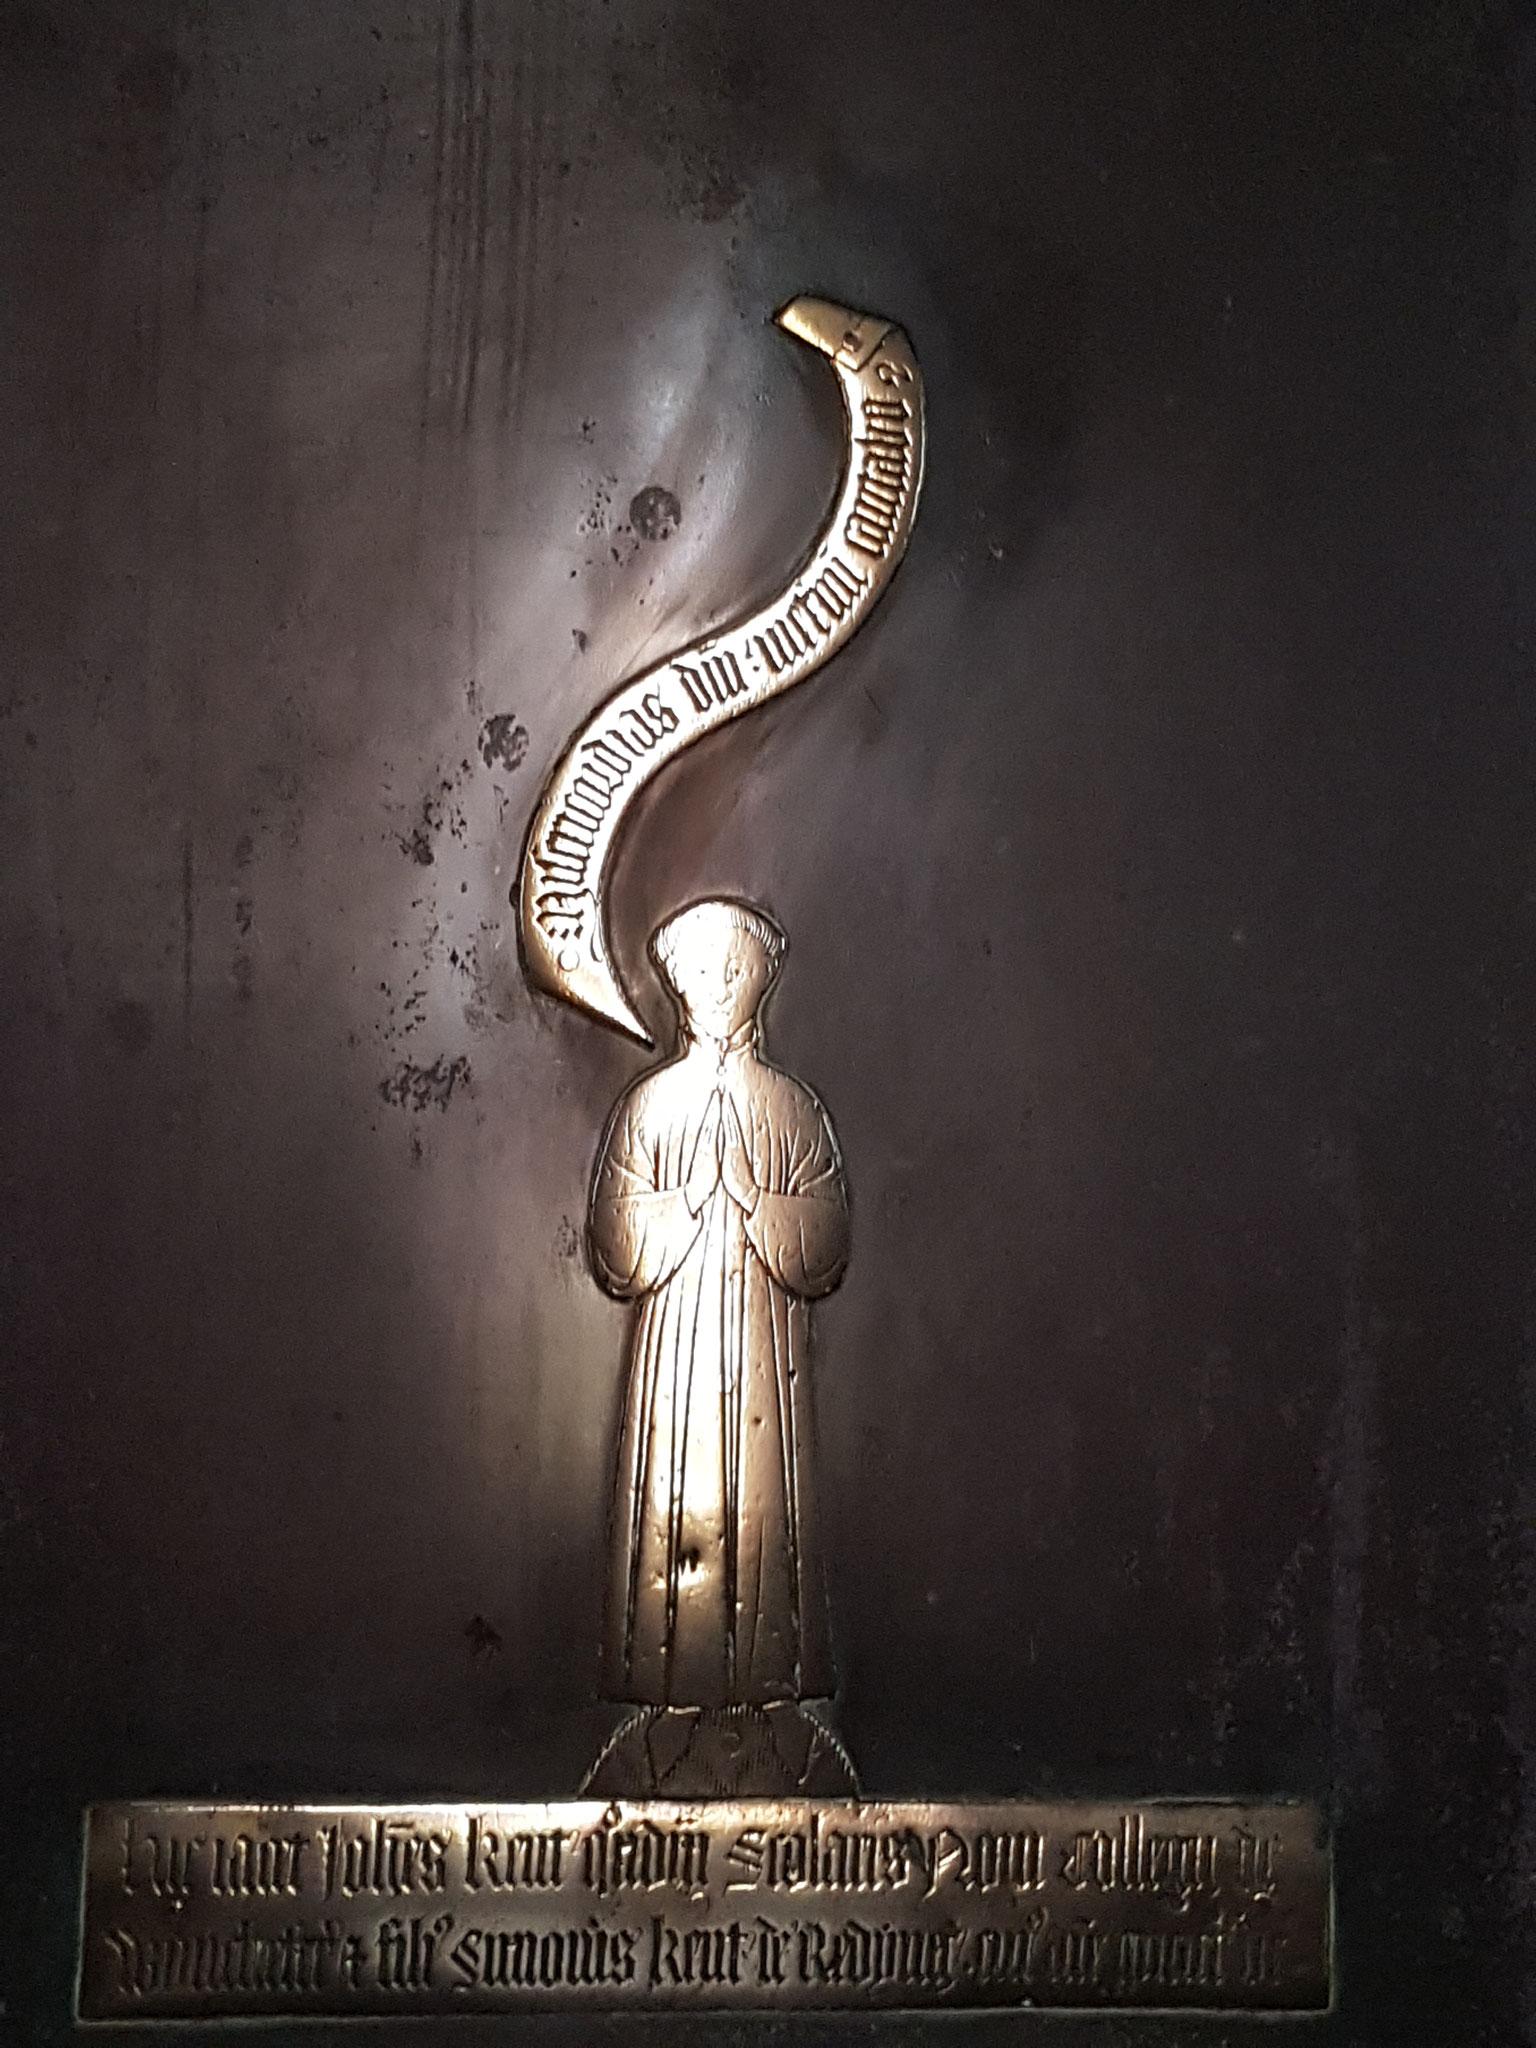 Brass of Winchester scholar John Kent d. 1434